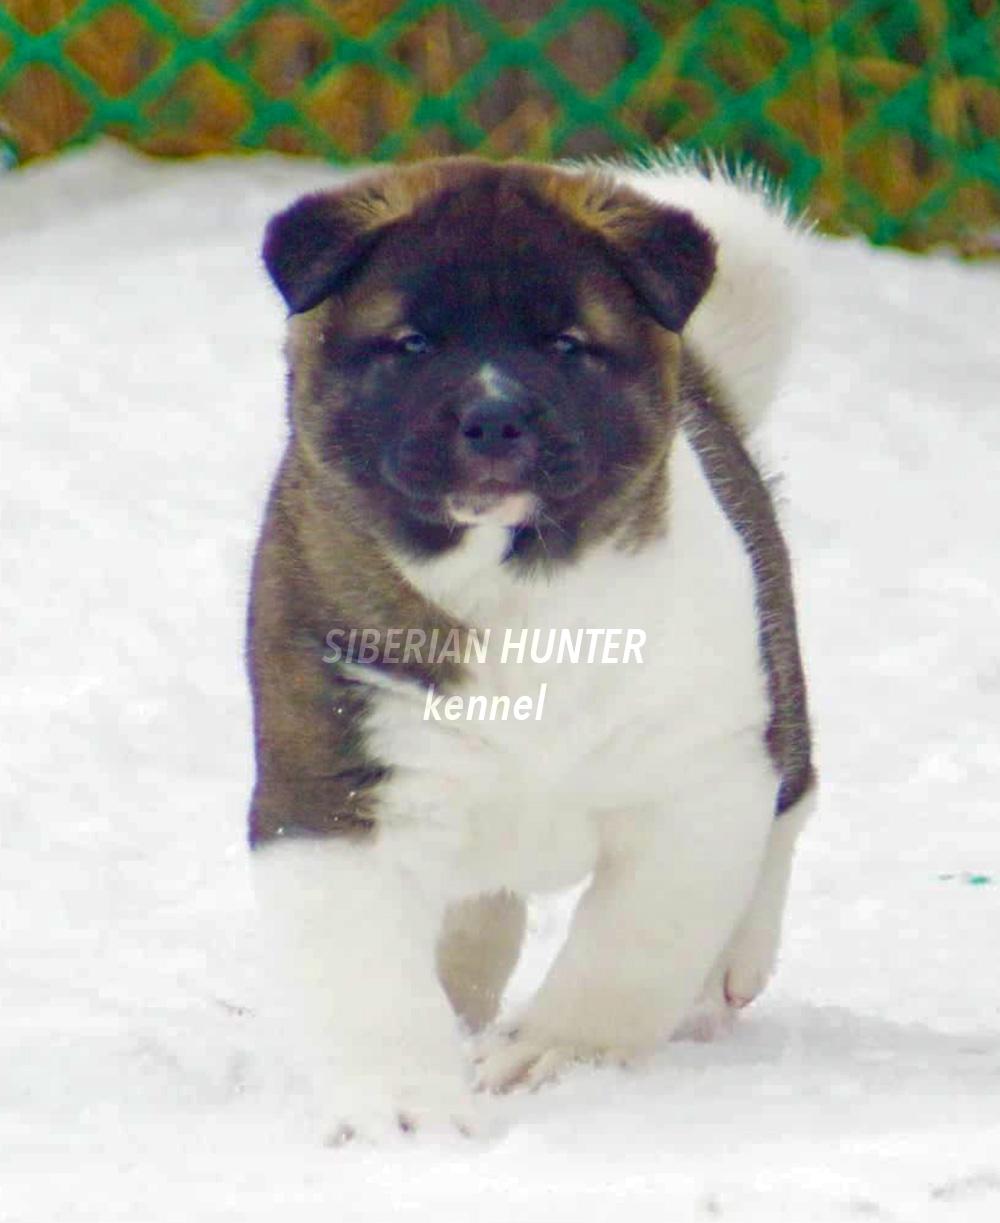 #bestdog #akitakemerovo #akitarussia #americanakitainrussia #bestpuppiesakita #puppiesakitaforsale #bloodchampions #puppyfromchampions #siberianhunterkennel #amakitakennelcom #americanakitakennel #akitabreeder #bestbreeder #bestpuppy #akitaamericano #kenn